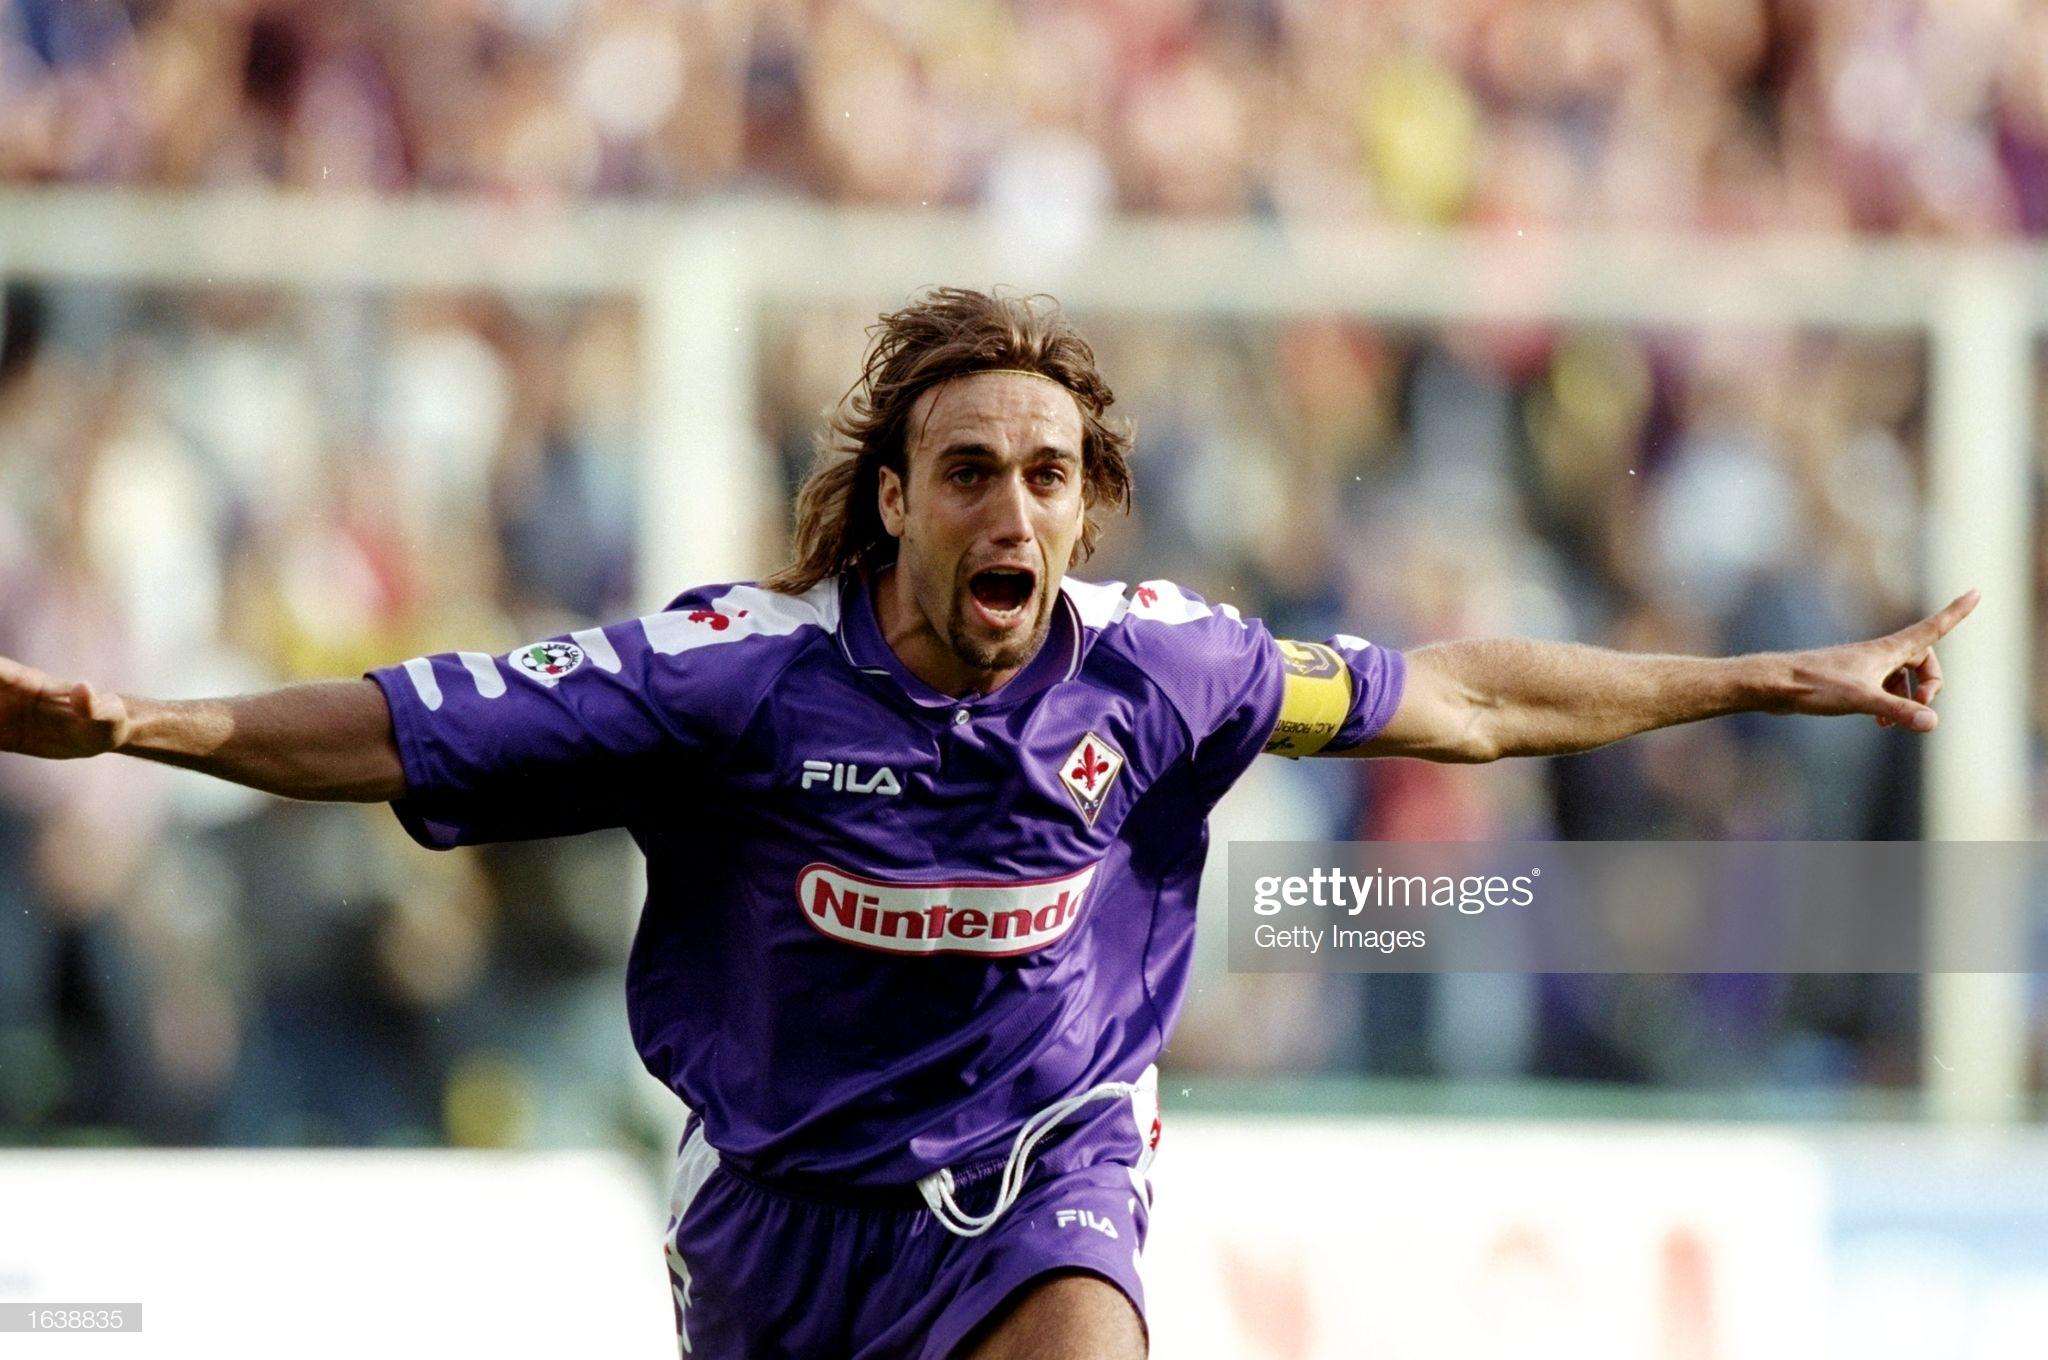 Com 202 gols marcados defendendo a Fiorentina,o argentino Gabriel Batistuta continua sendo o maior artilheiro do clube na história.